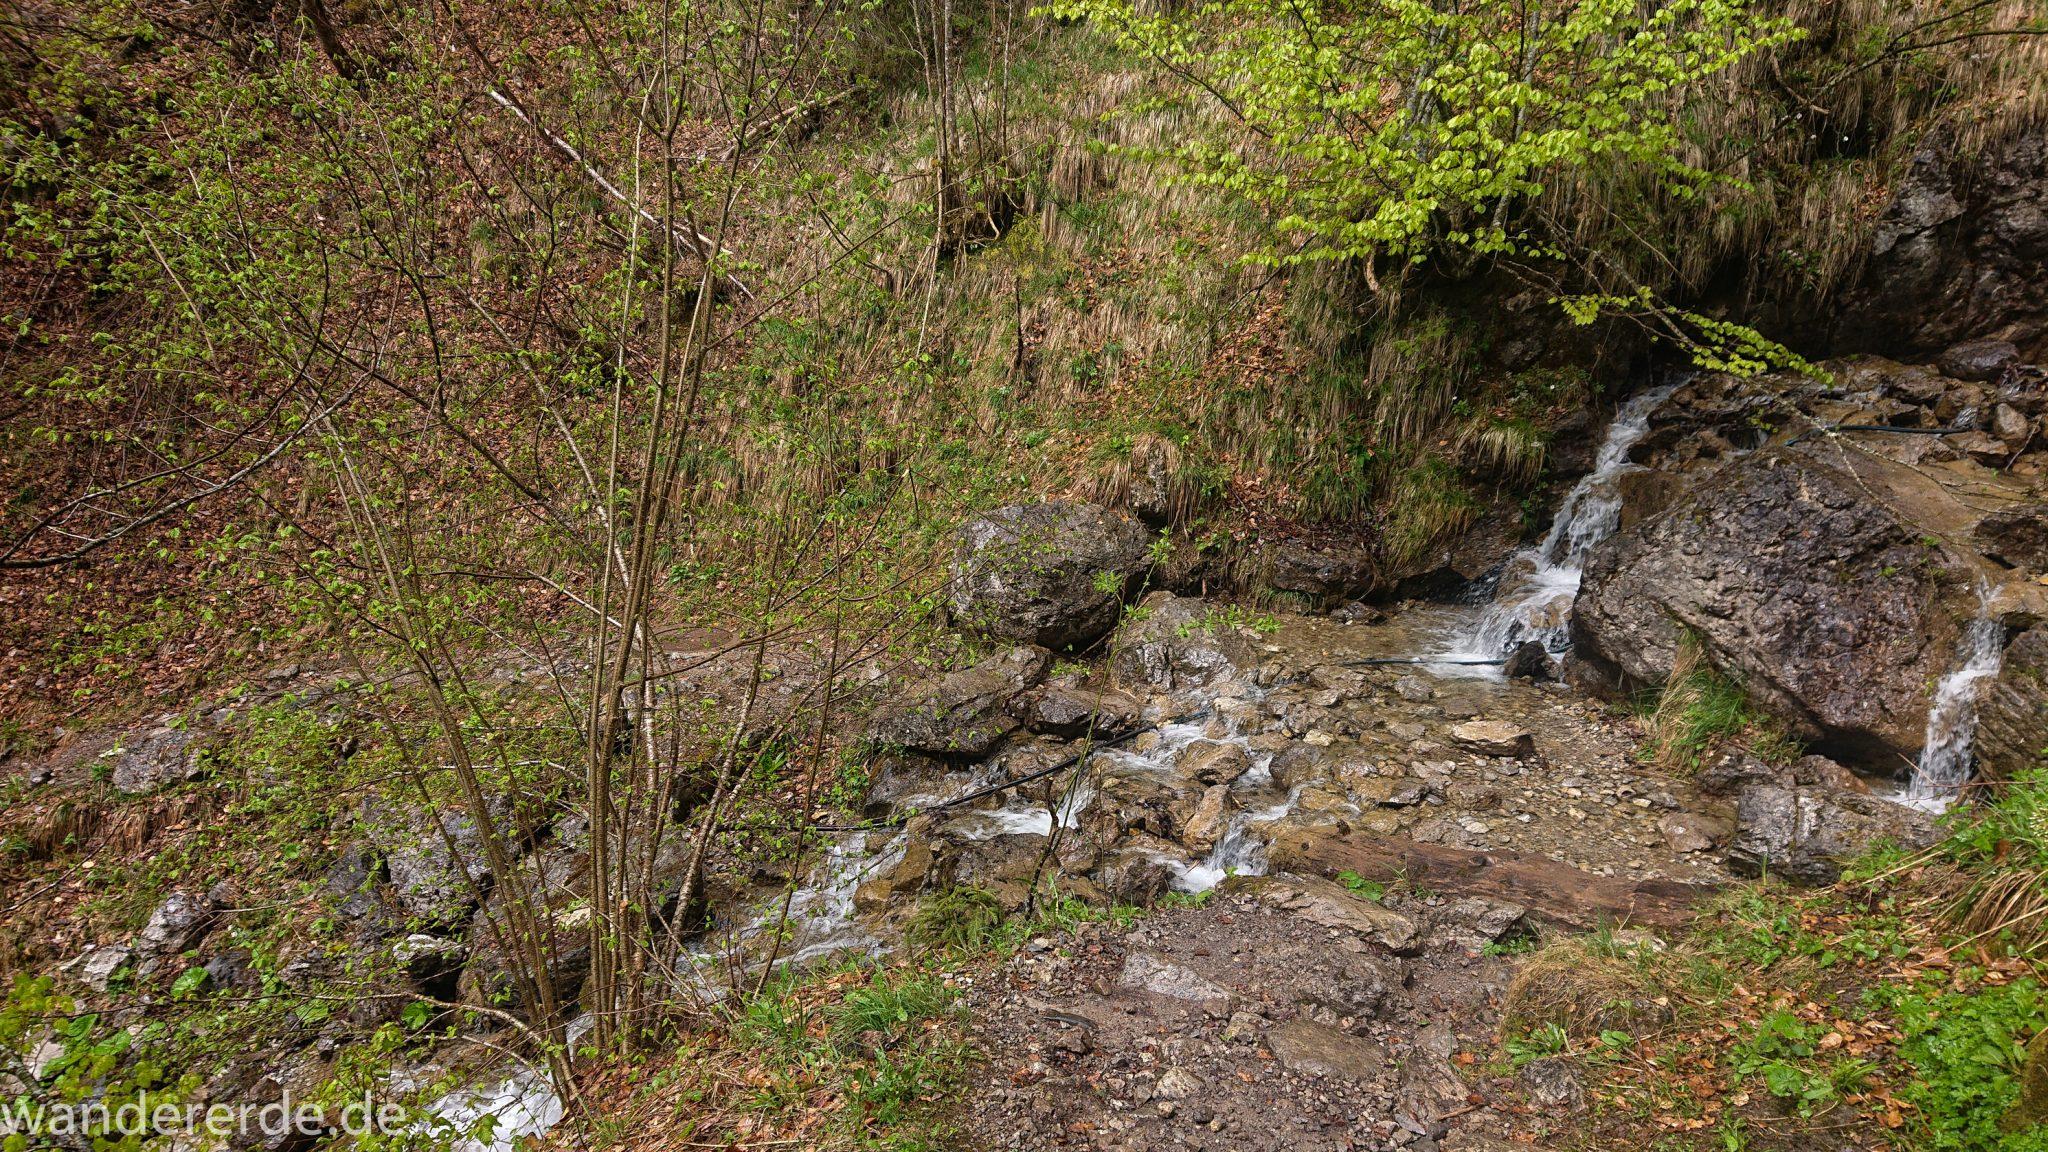 Wanderung Oberstdorf nach Gerstruben im Allgäu, Bayern, Wanderweg führt nach Bergbauerndorf Gerstruben über sehr empfehlenswerten aber steilen Weg Hölltobel entlang des Dieterbach mit Wasserfällen wieder abwärts